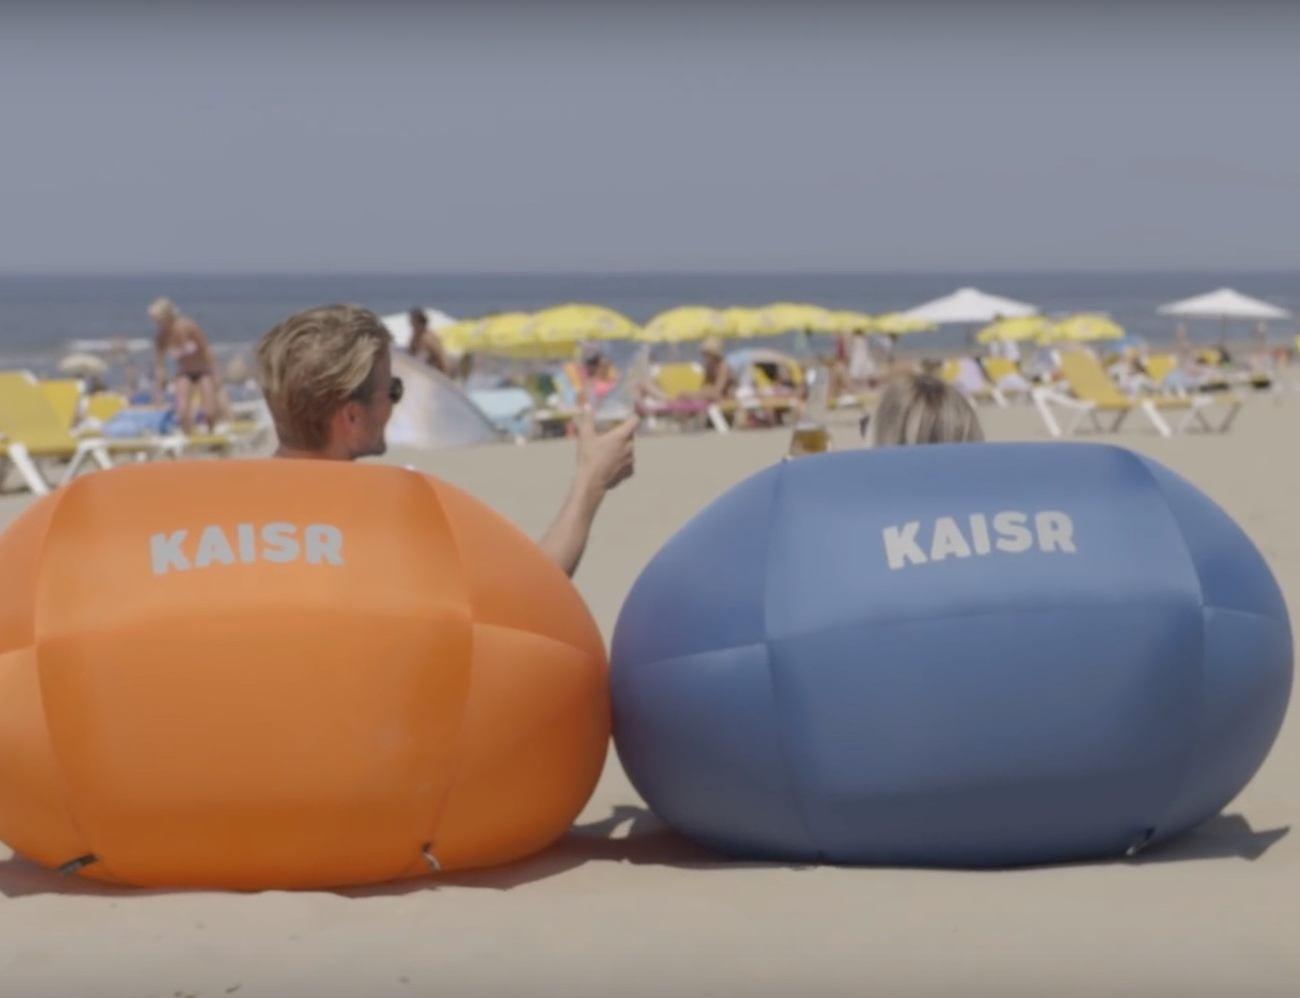 KAISR BOSS Self-Inflated Sofa